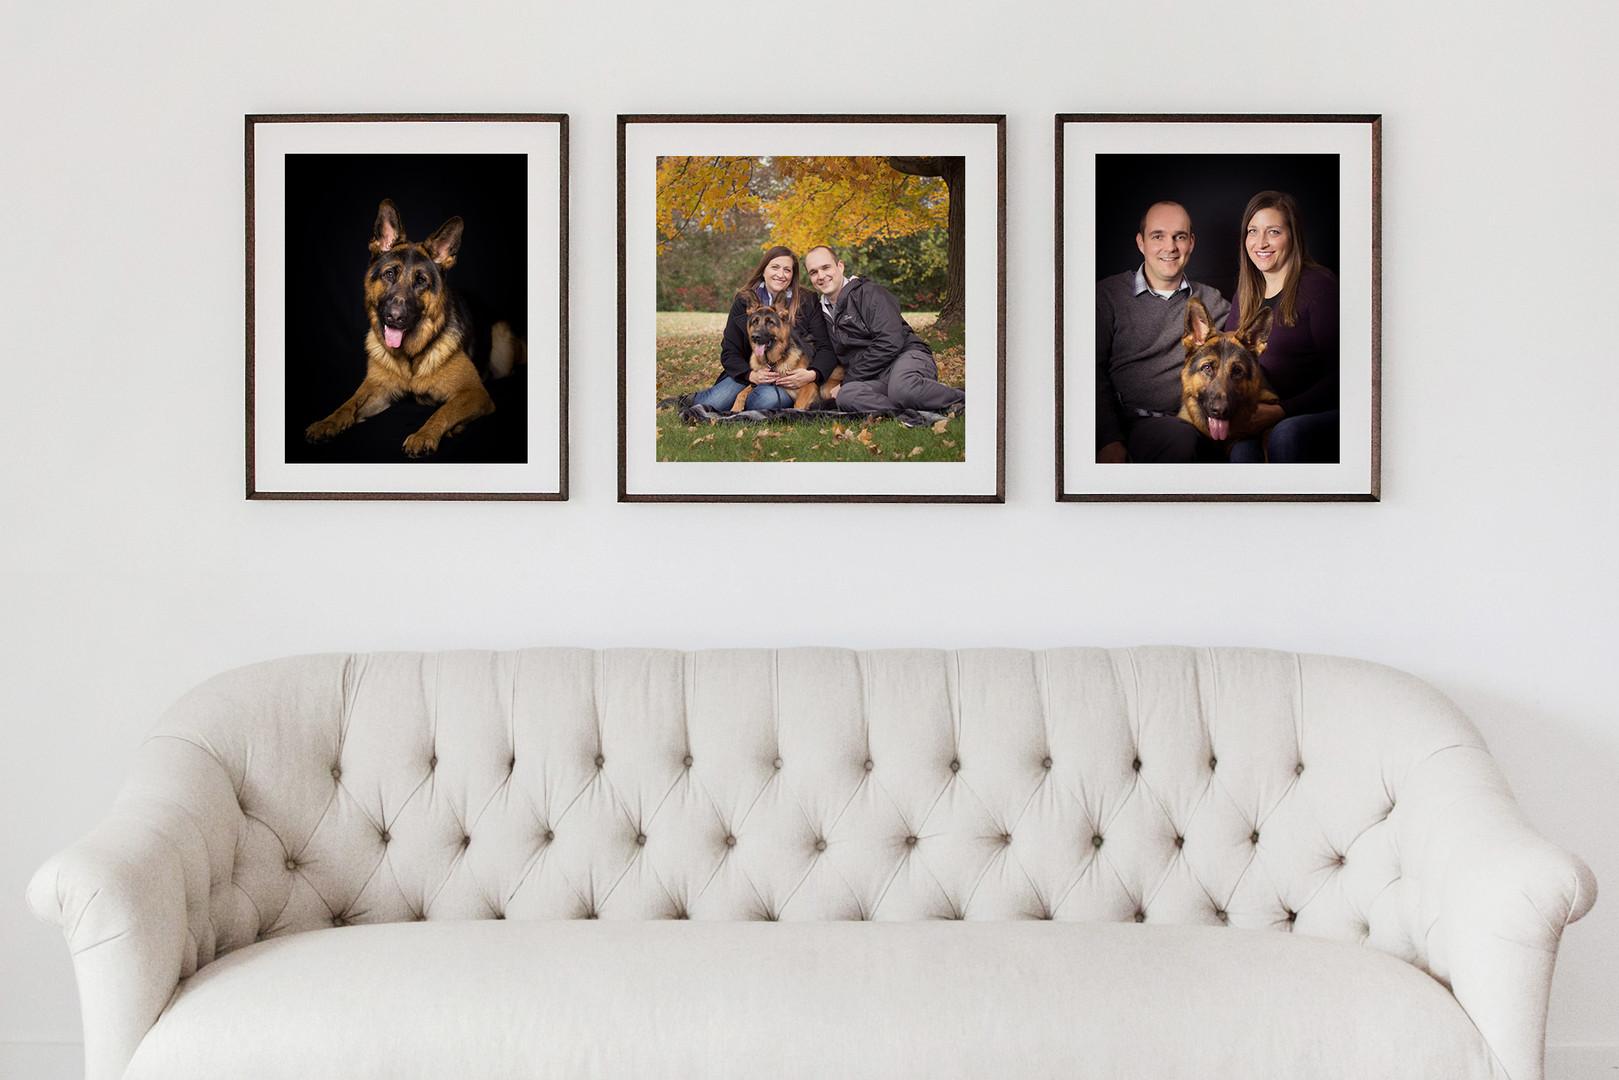 Multiple ready to hang framed print artwork